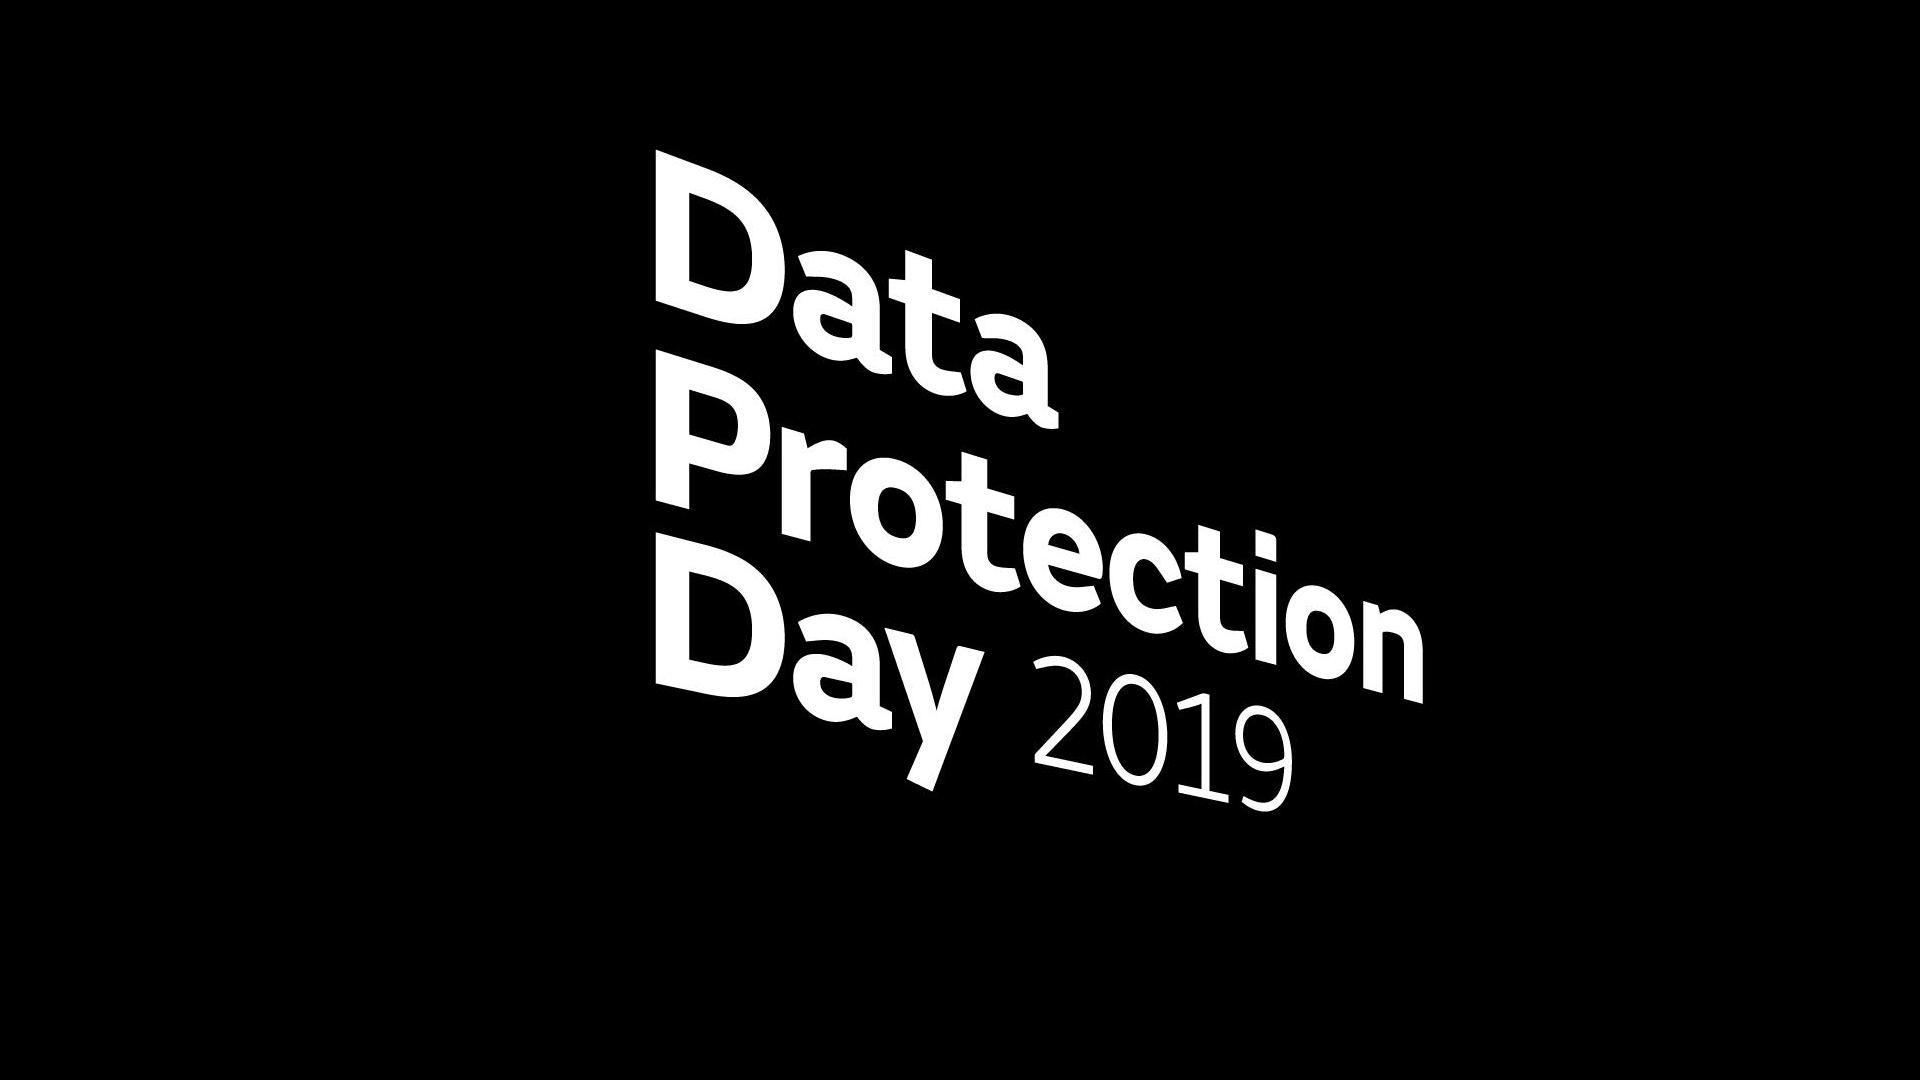 Presente y futuro de los tratamientos de datos: innovación, nuevas tecnologías y protección jurídica